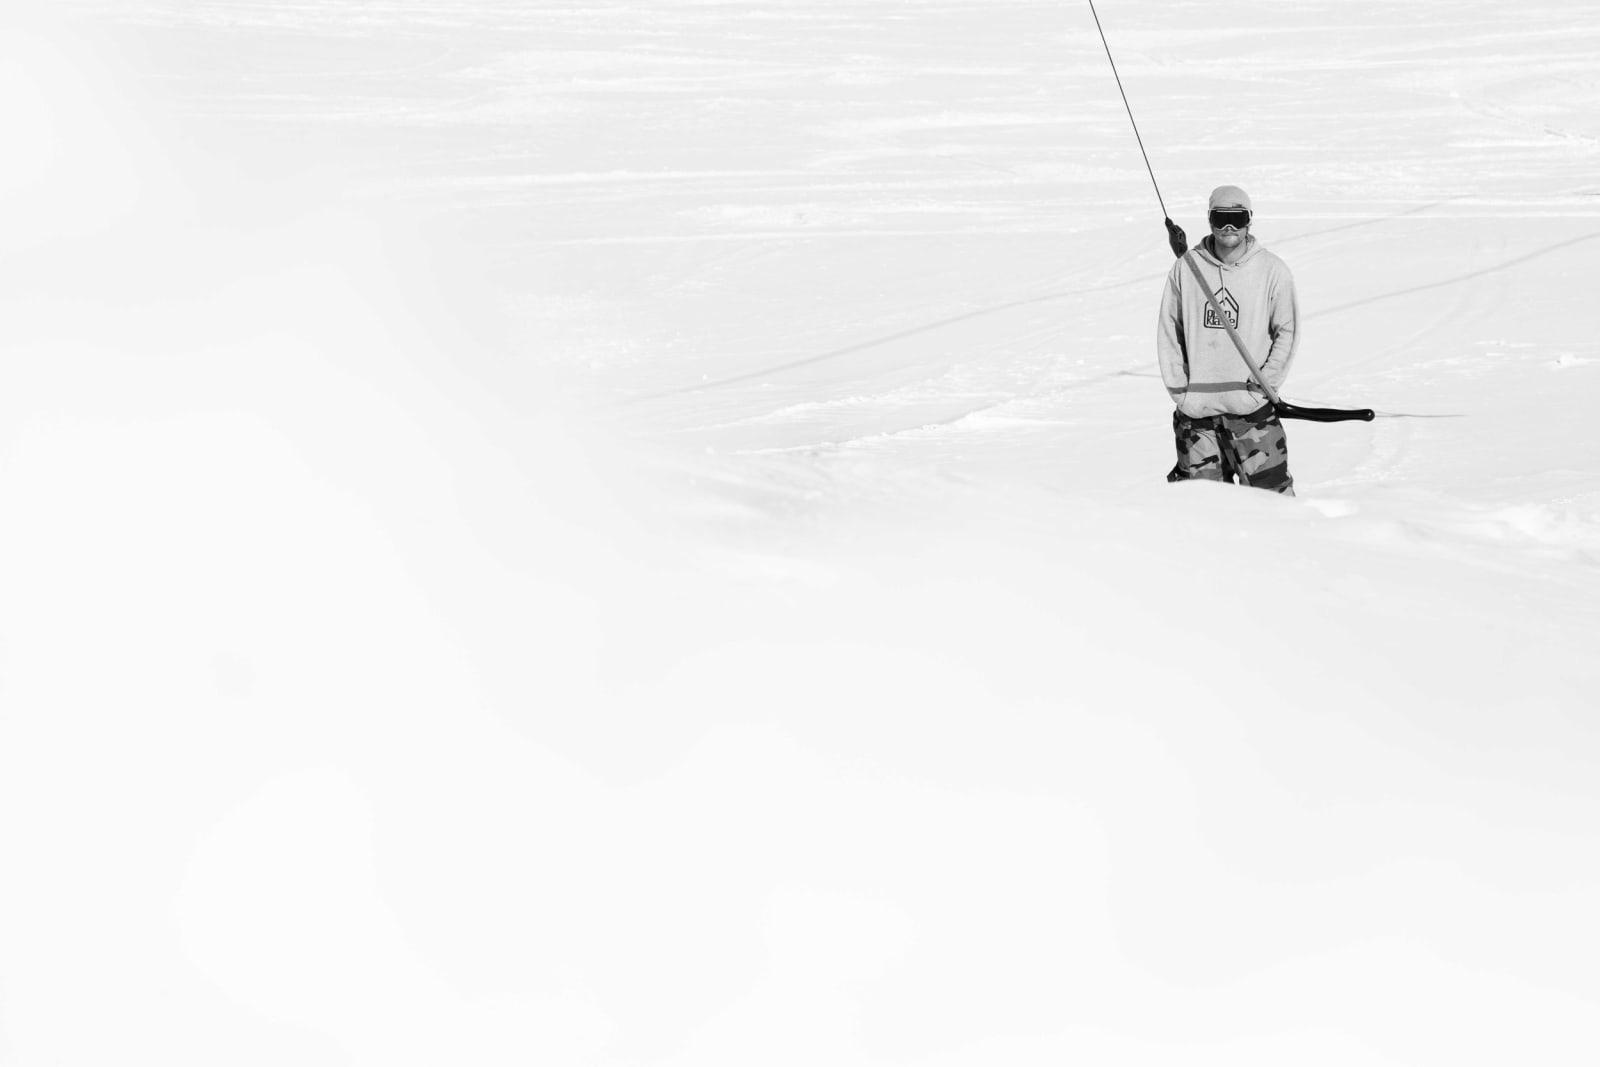 ALEINE OG MED VENNER: Klaus Finne trives med å trene alene. Samtidig er han en del av en tett vennegjeng som har startet opp Open Klasse i Myrkdalen. Foto: Chris Baldry